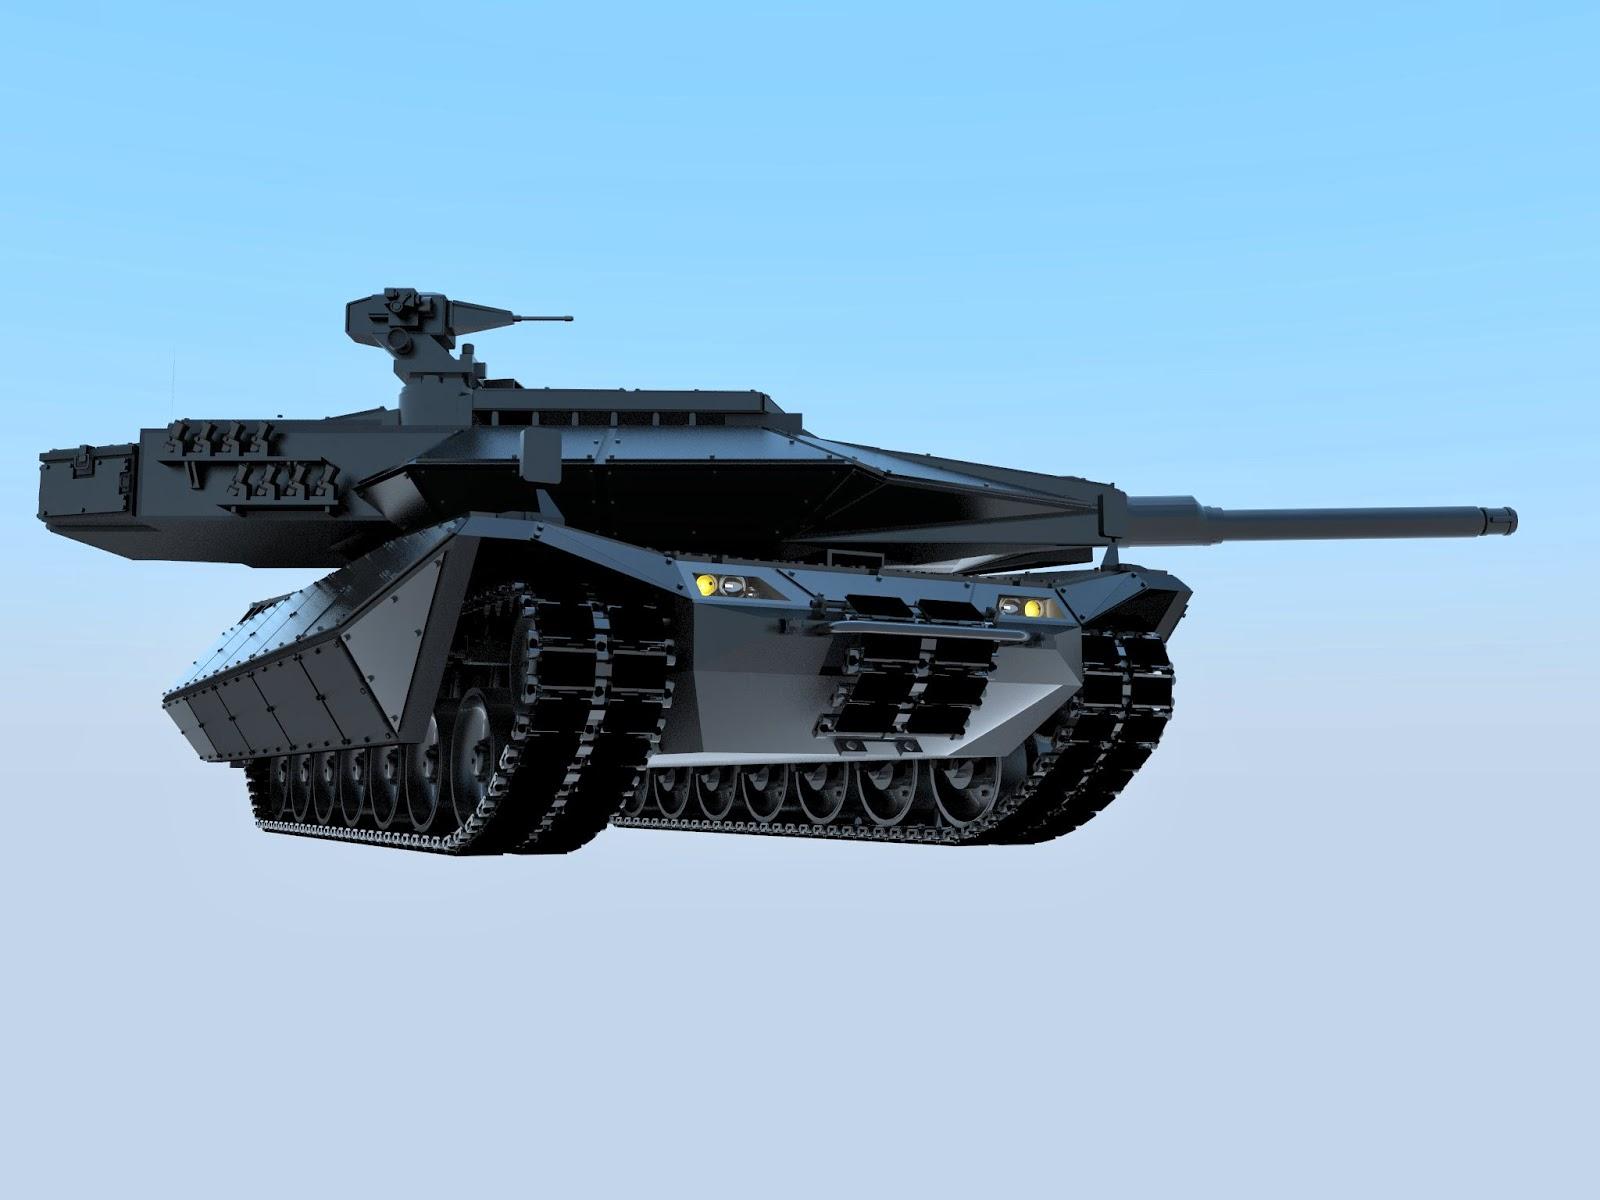 http://2.bp.blogspot.com/-ifxxduHw09I/UyvY_BPXy-I/AAAAAAAAAic/yA13xY_SuSM/s1600/Leopard+DTWOS+Sketchup+3D+Modeling+-+Rendering+56.jpg